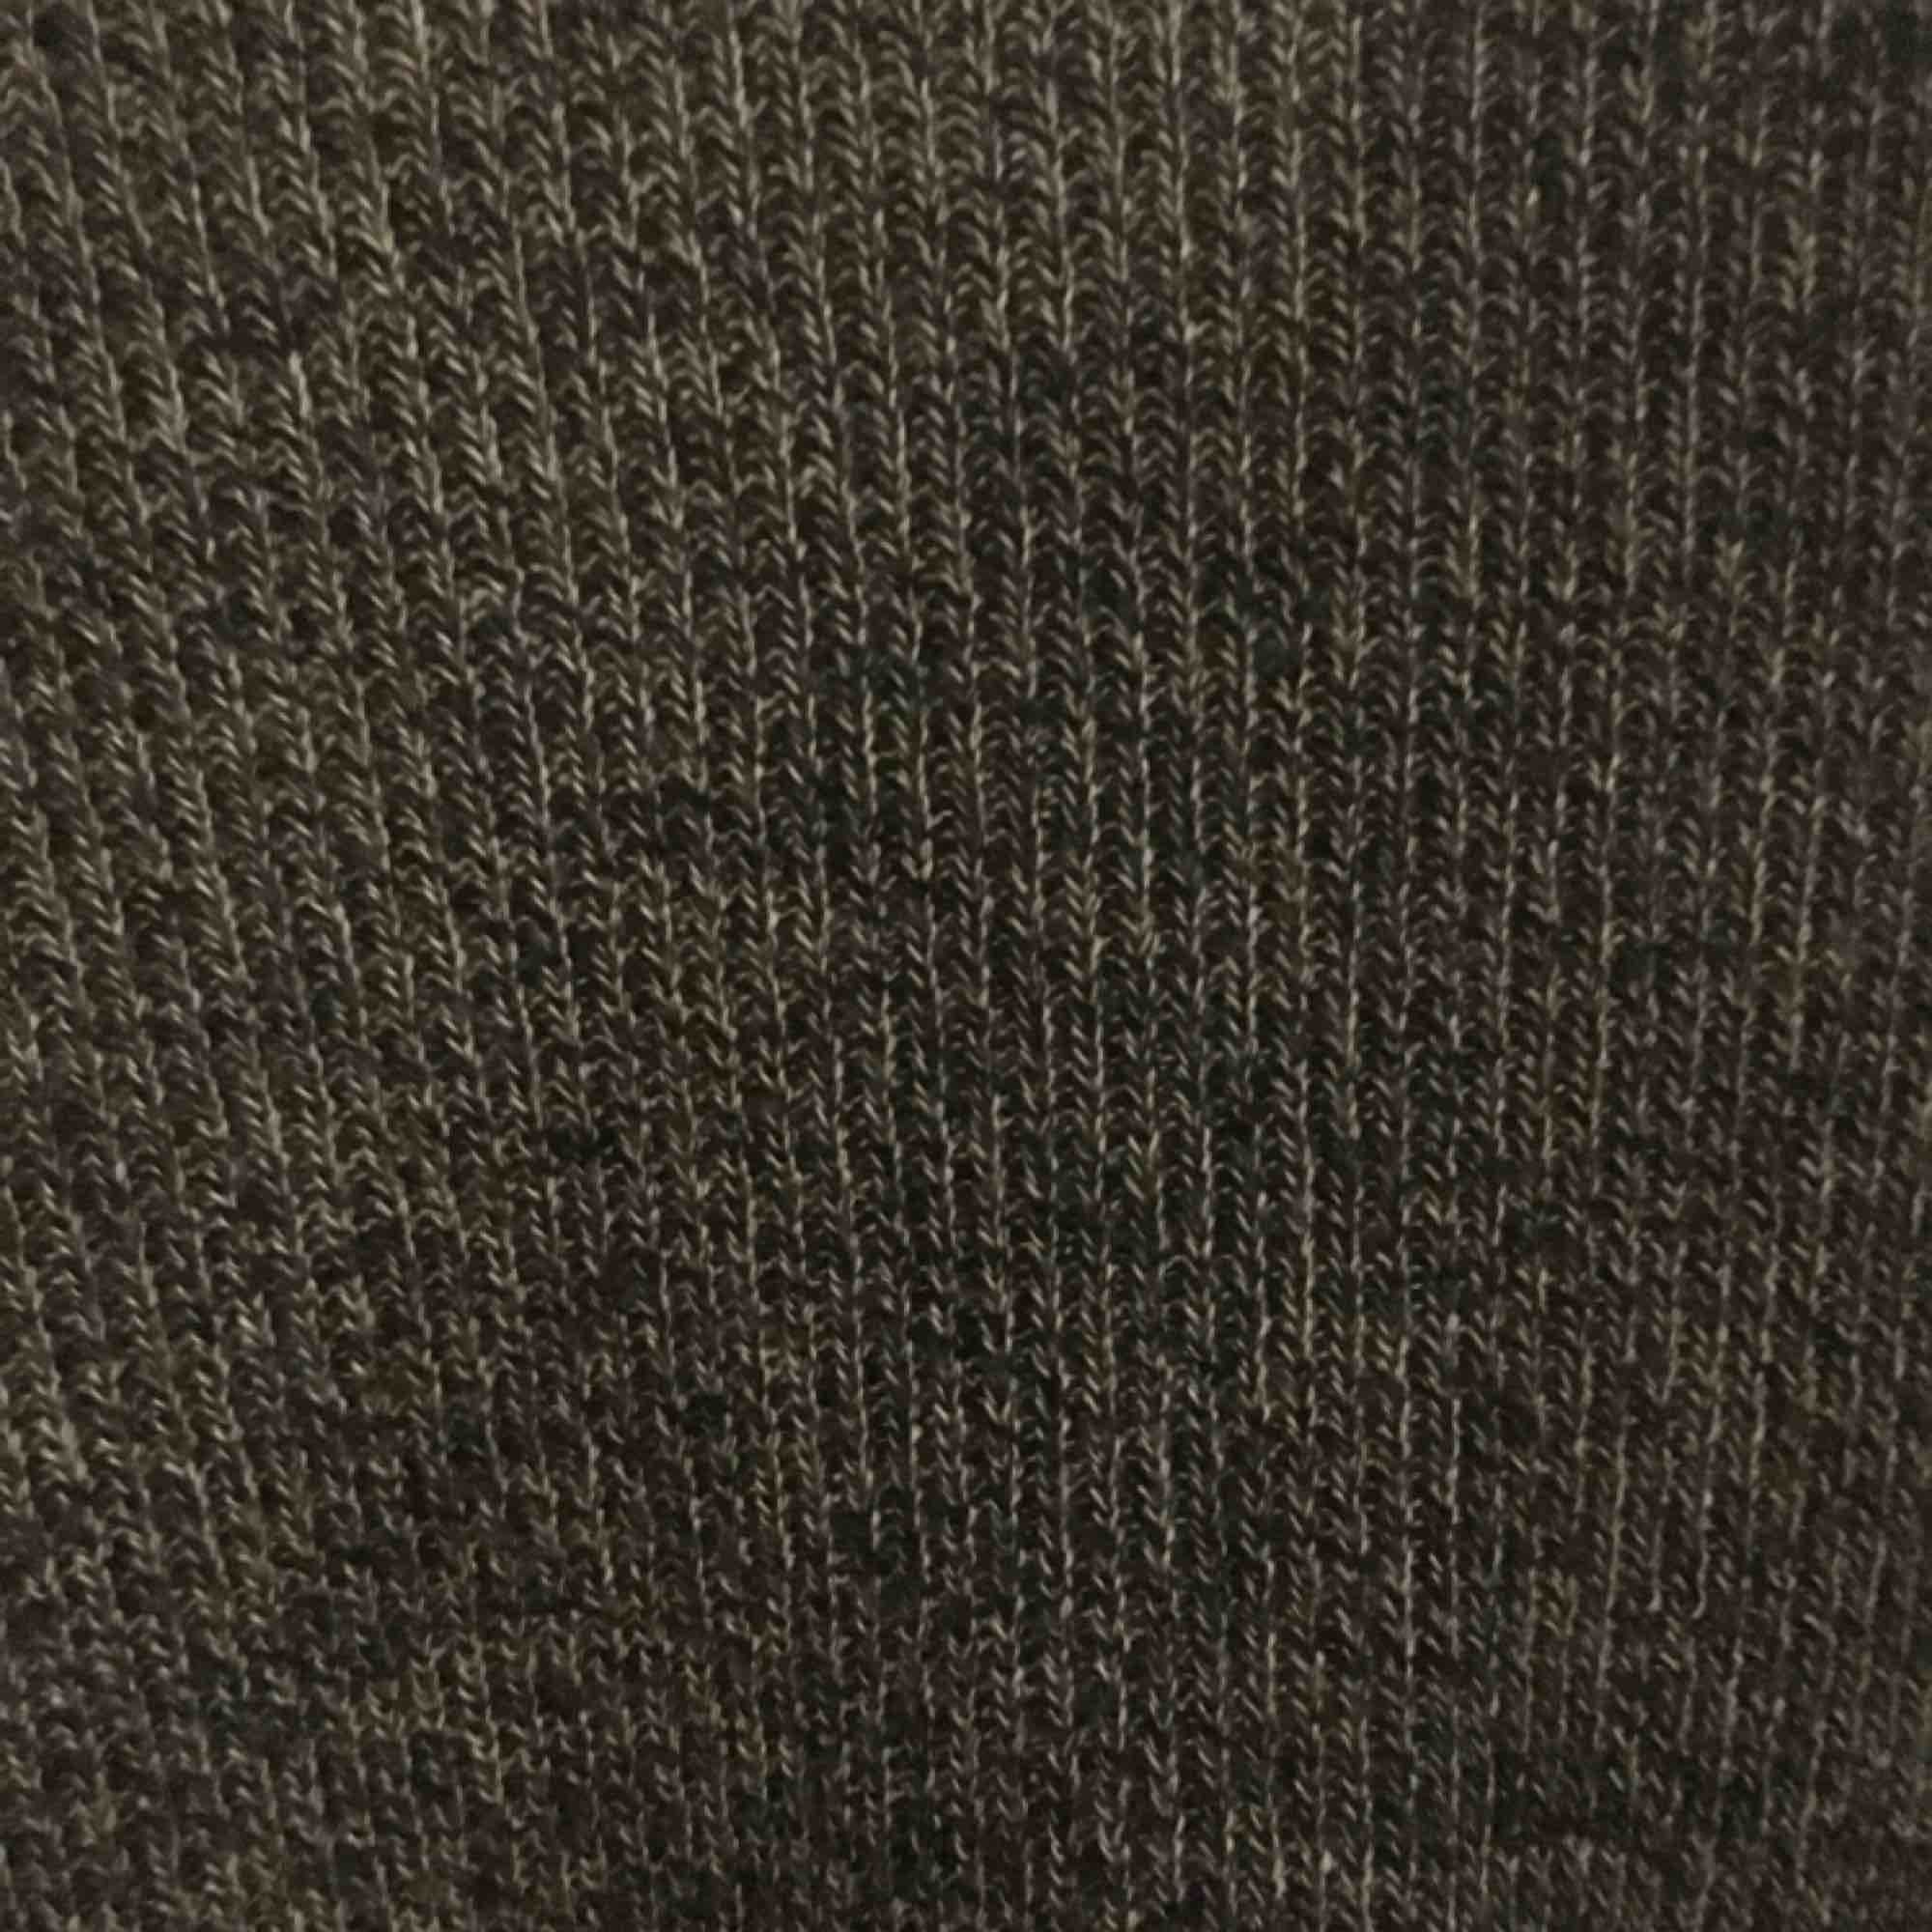 Jättefin tröja ifrån hm i storlek S i superfint skick. Lite figursydd men inte tight. Pris kan diskuteras, köpare står för frakt kan även mötas i Uppsala . Toppar.